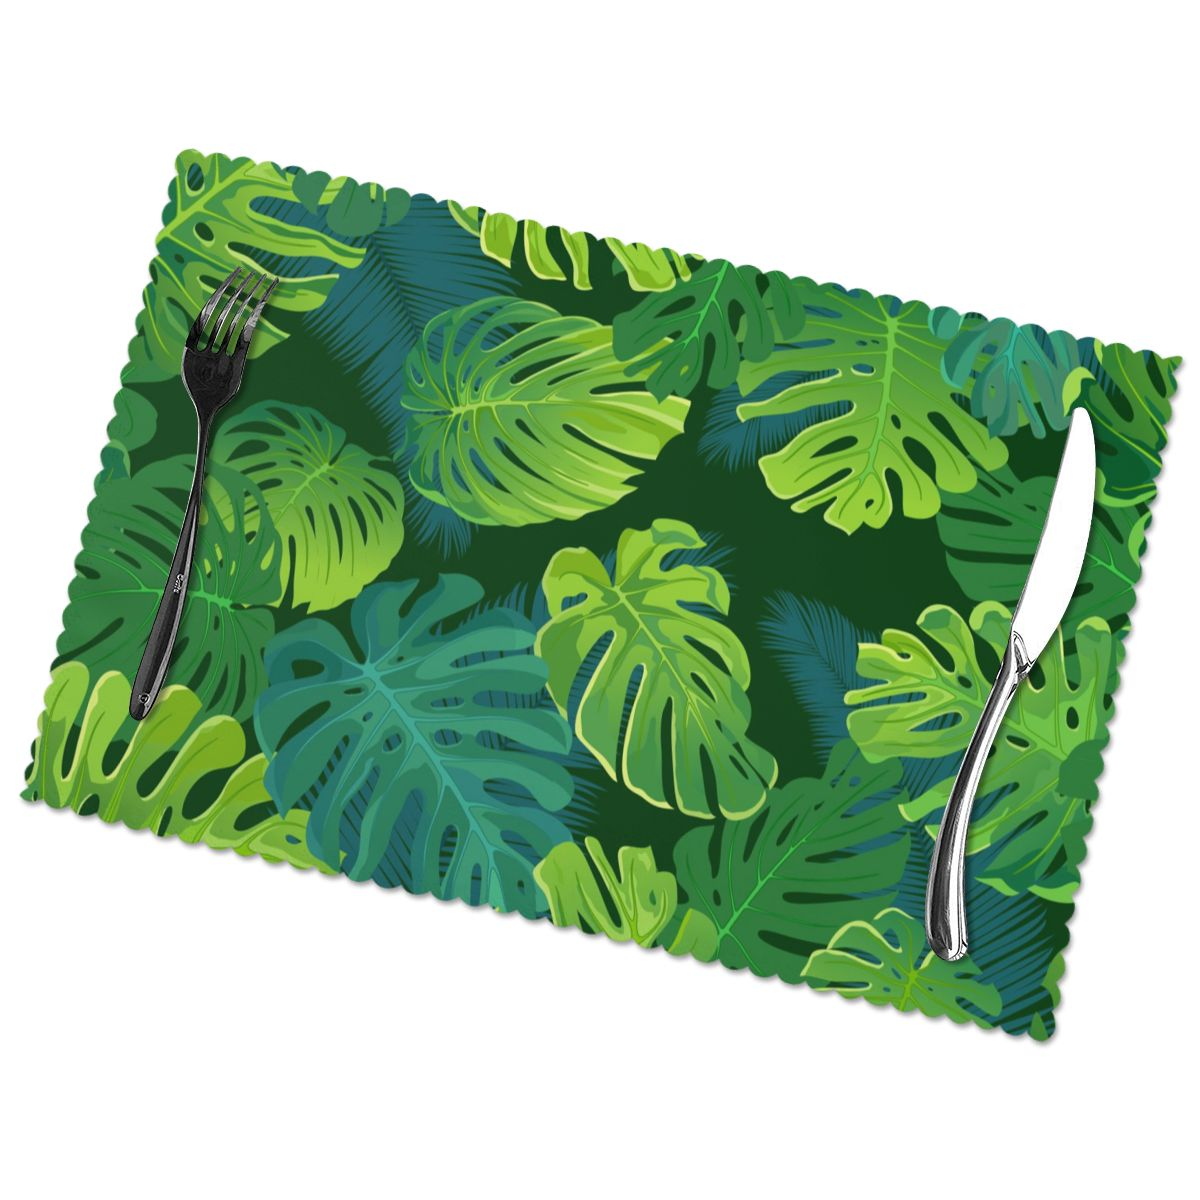 6 قطعة تحديد الموقع الاستوائية النخيل Monstera يترك أوراق الغابة النسيج الجدول الحصير أدوات المائدة المطبخ أداة الجدول الحصير